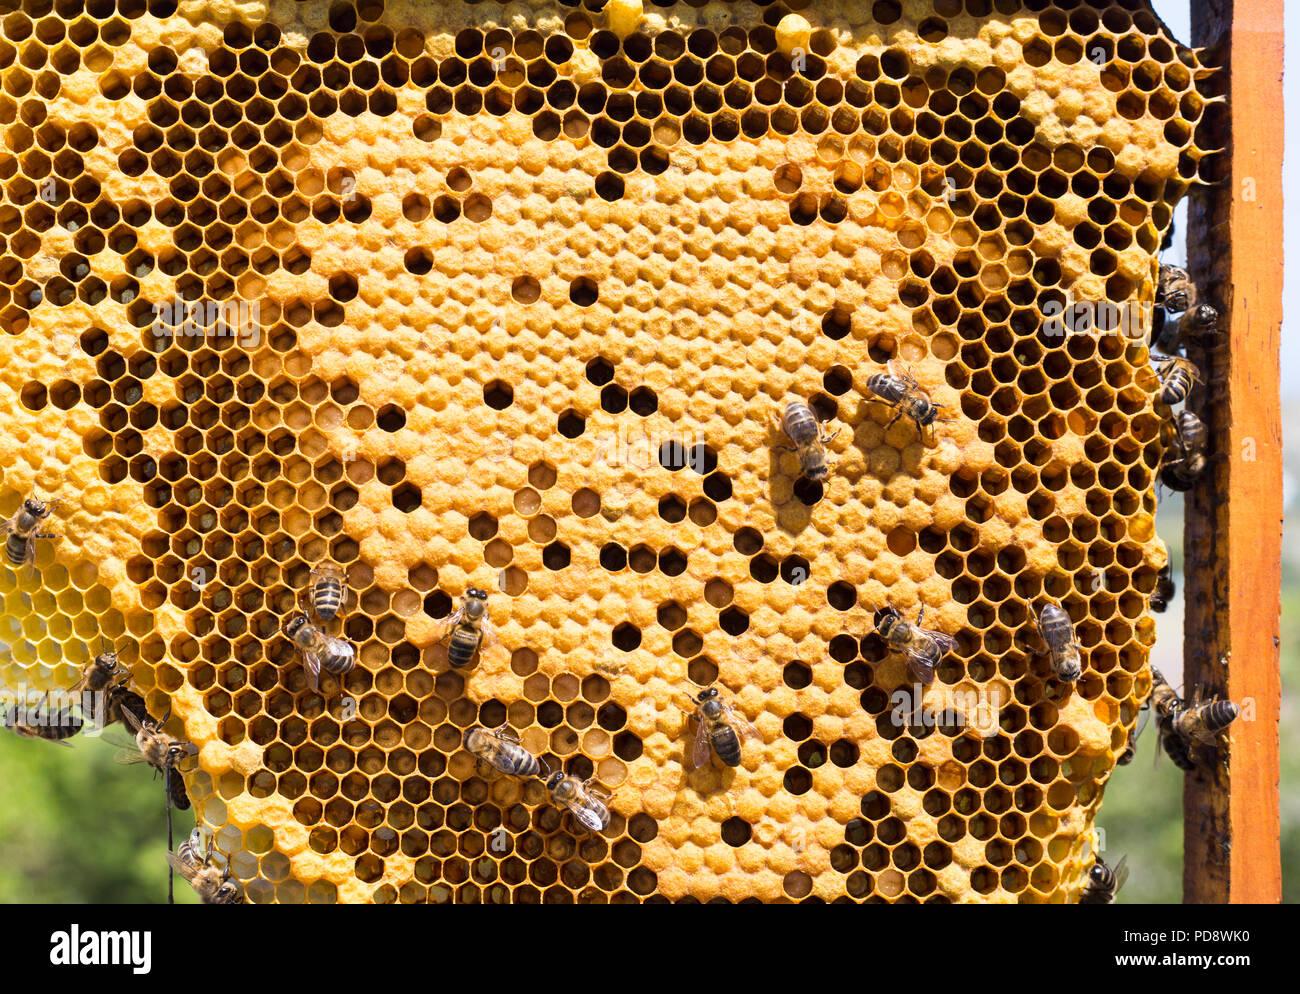 Iberian honey bees working - Stock Image